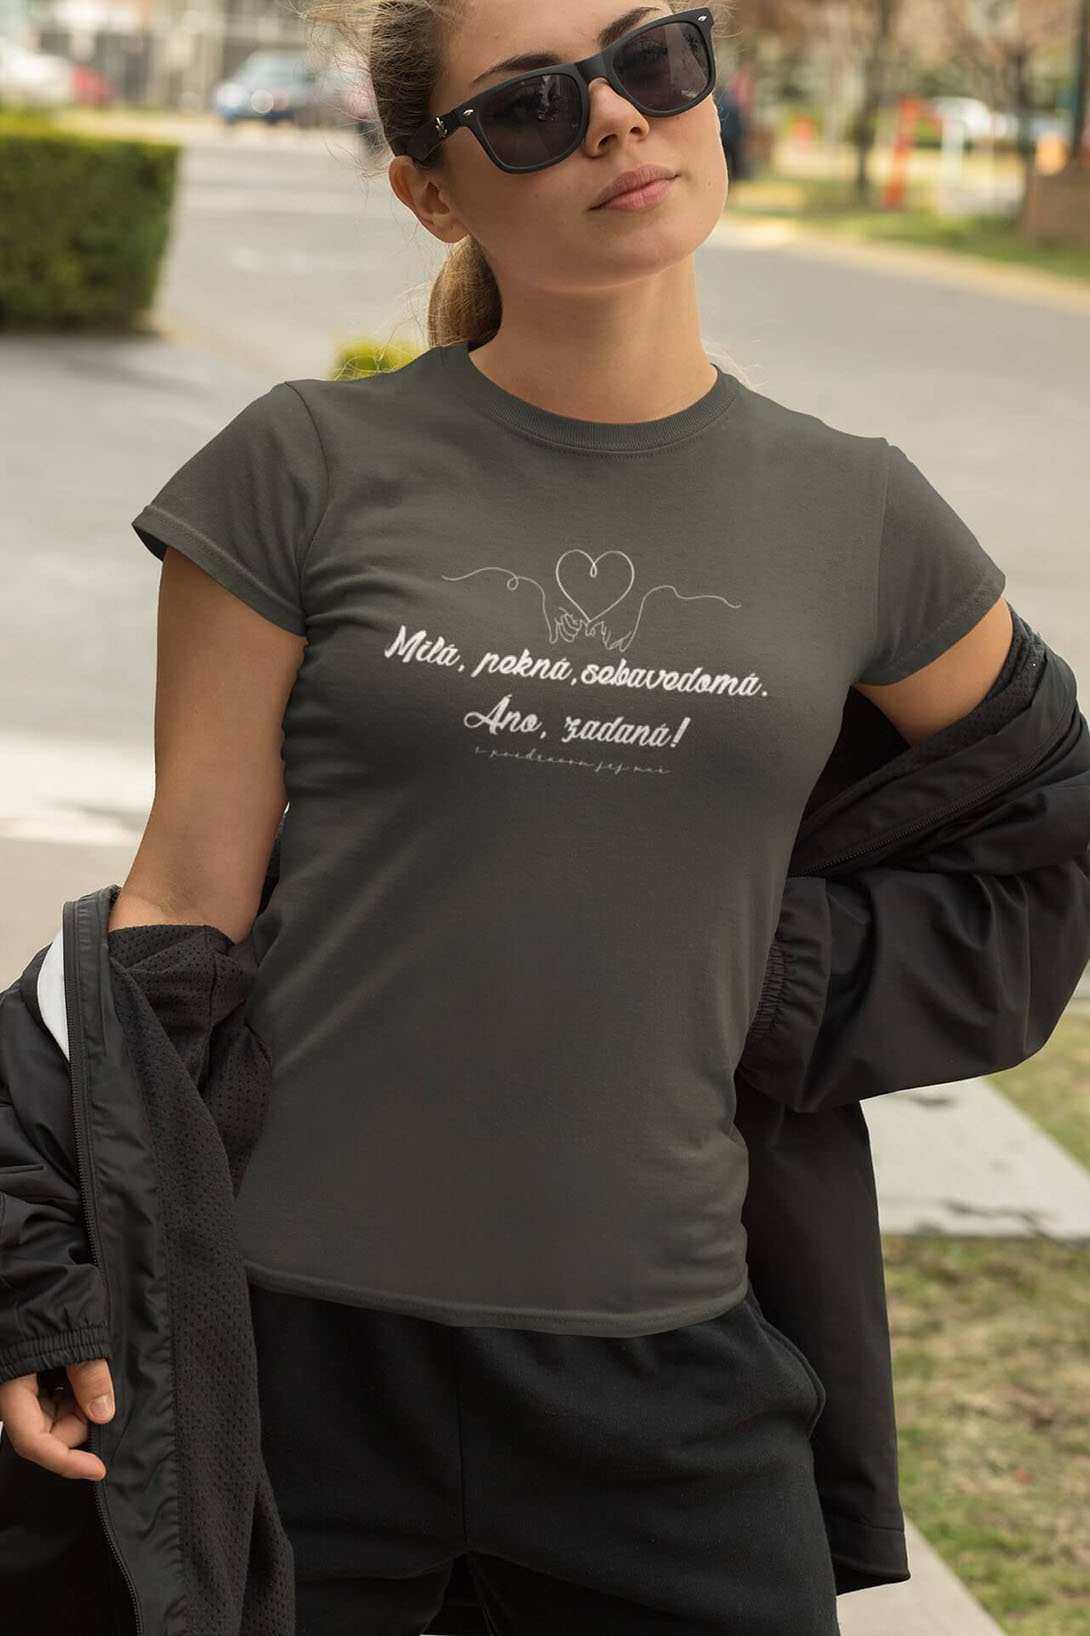 MMO Dámske tričko Milá, pekná, sebavedomá Vyberte farbu: Tmavá bridlica, Vyberte veľkosť: M